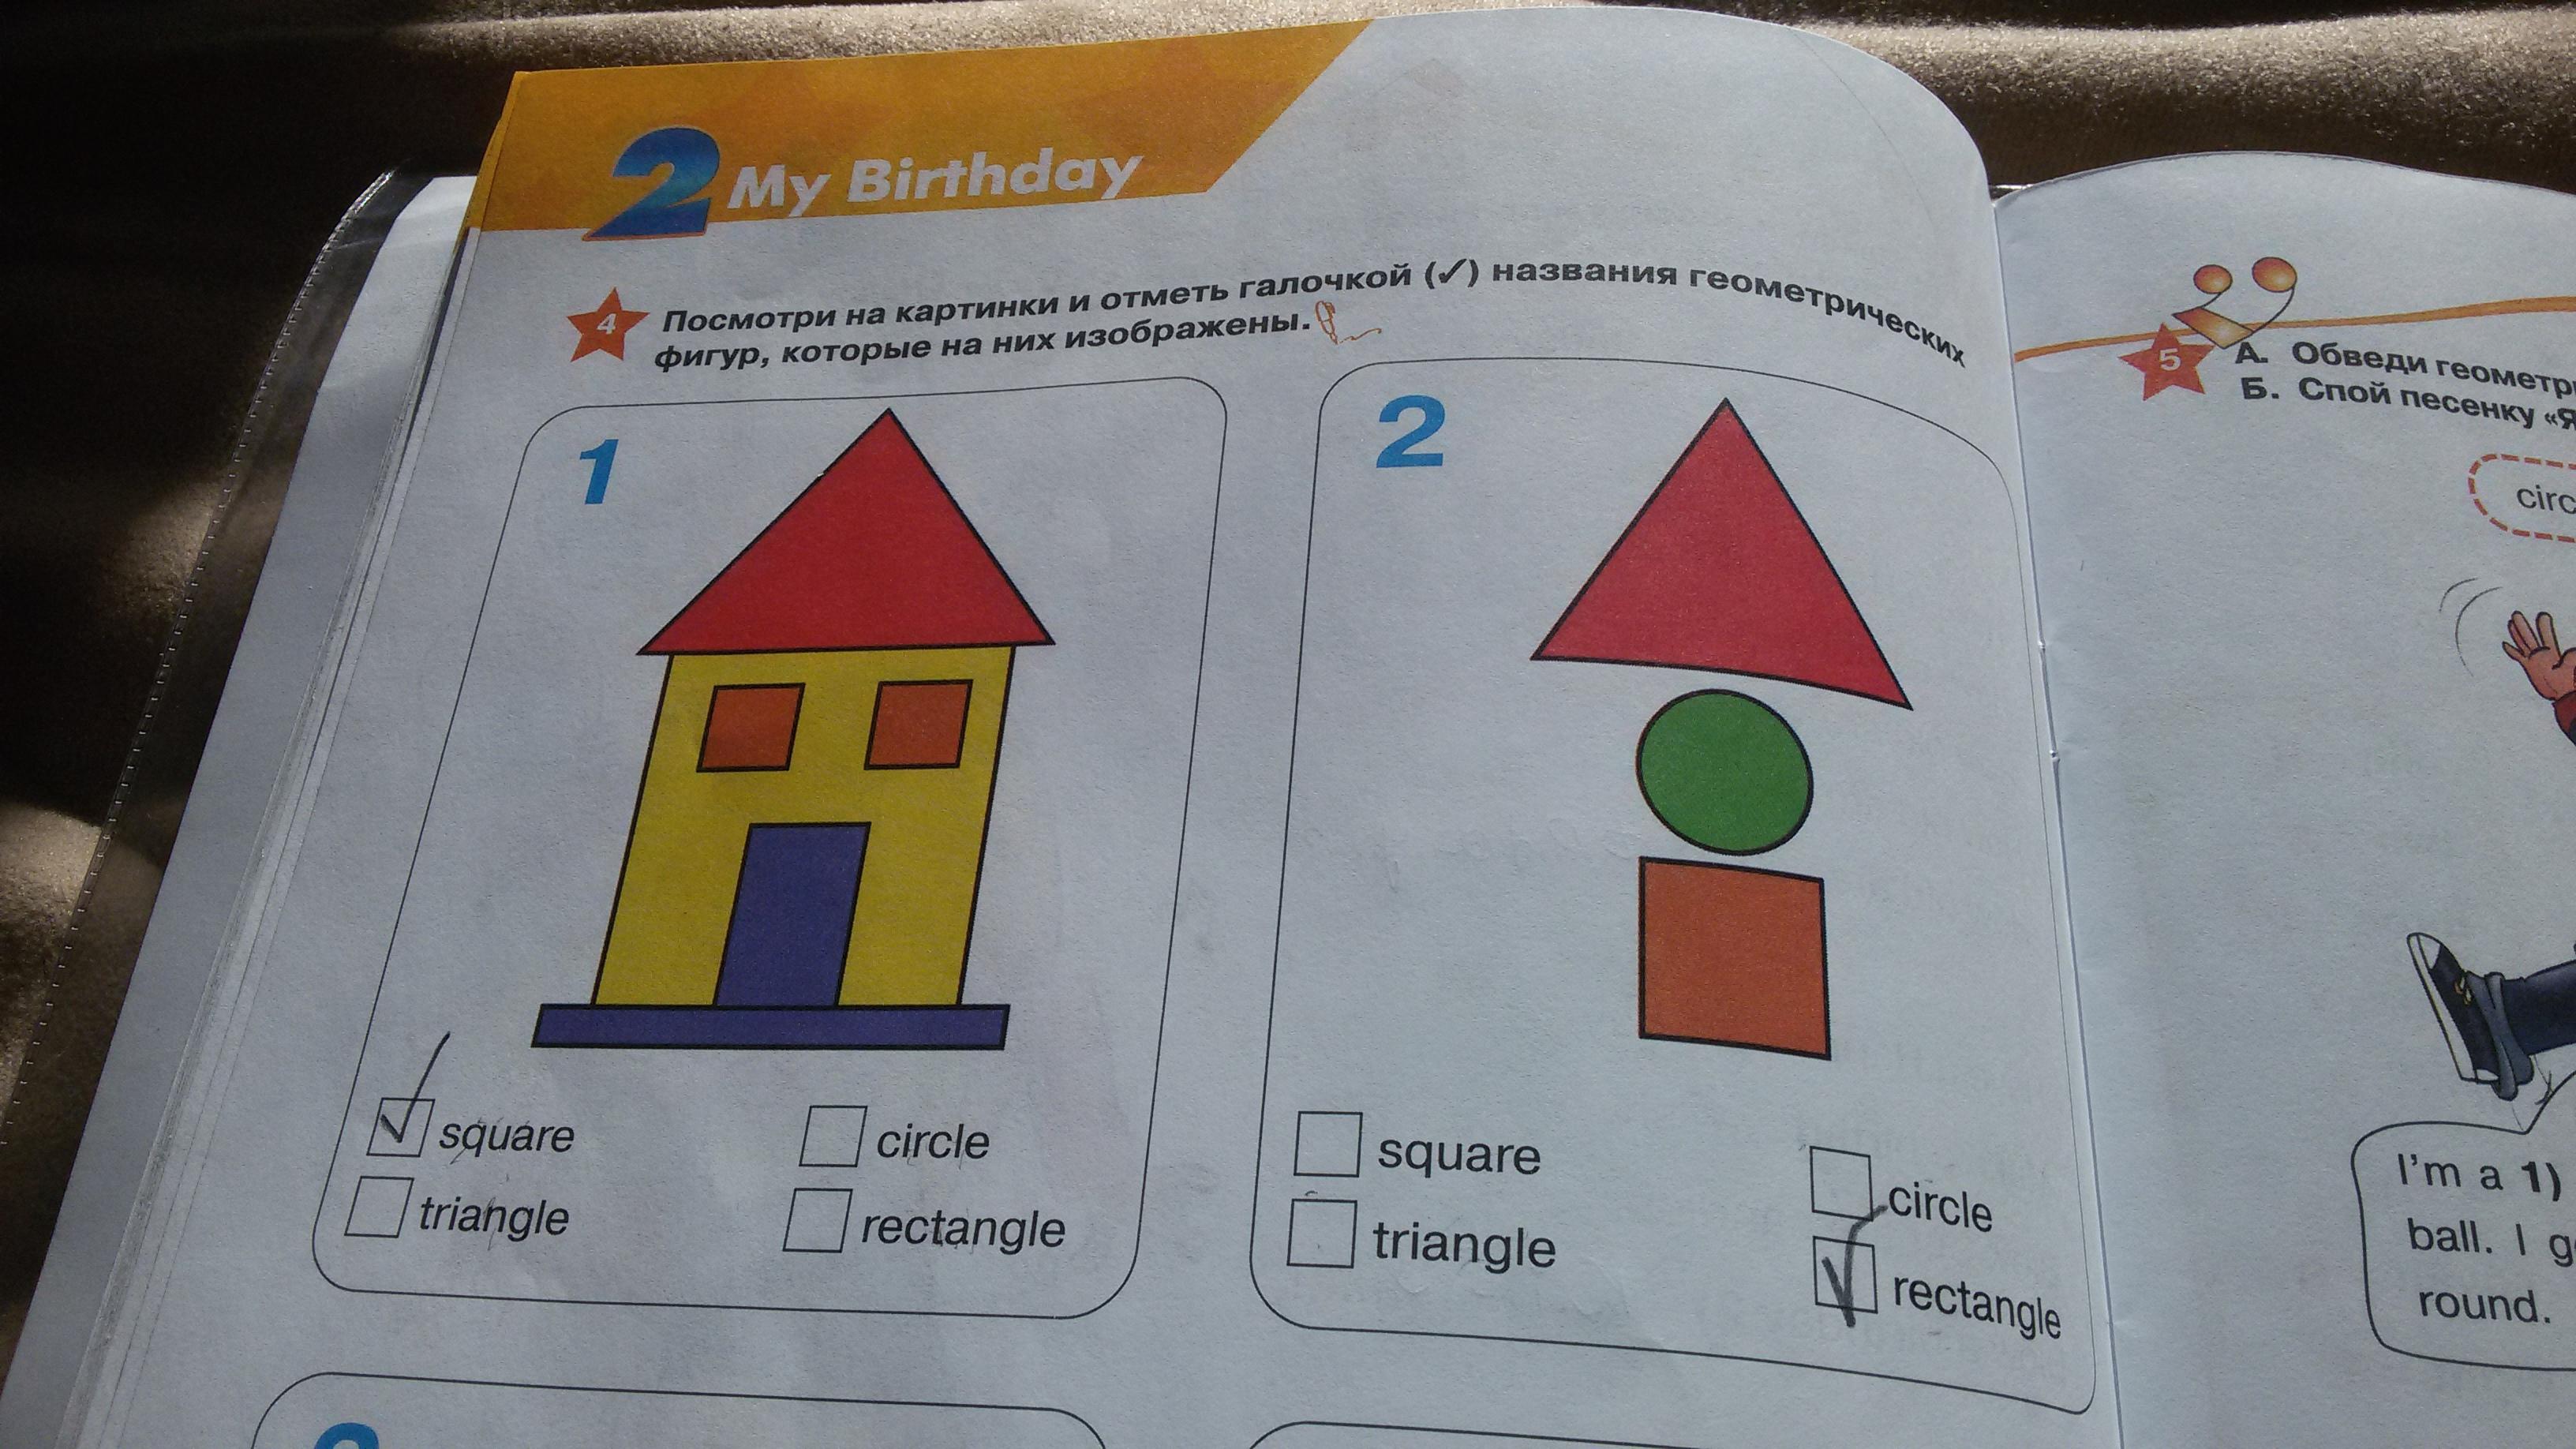 Помогите пожалуйста, задание 2 про геометрические фигуры?